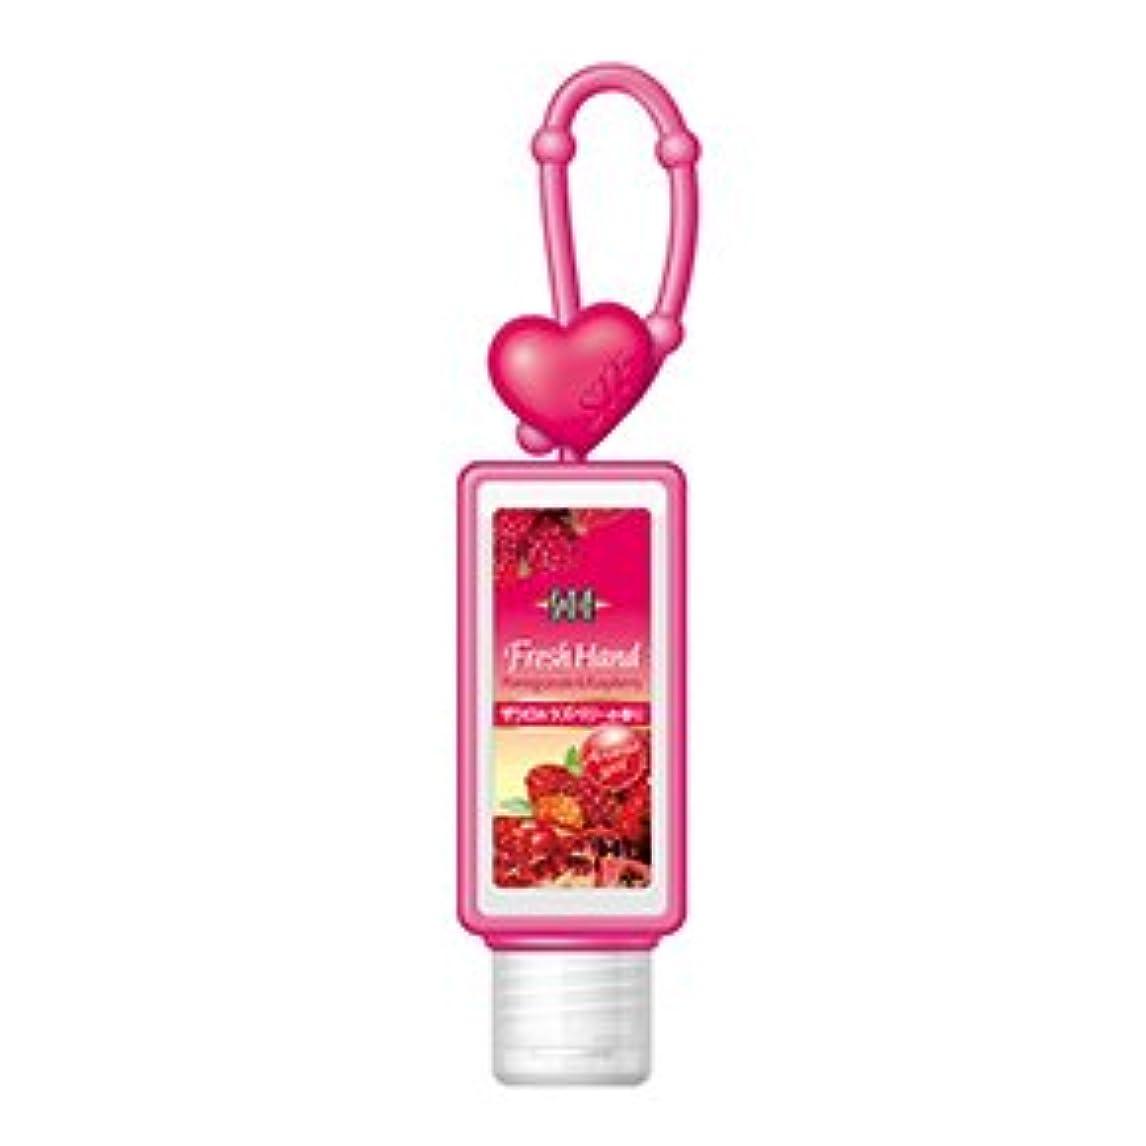 ハイランド対応する我慢するSTF フレッシュハンド ザクロ&ラズベリーの香り 30ml